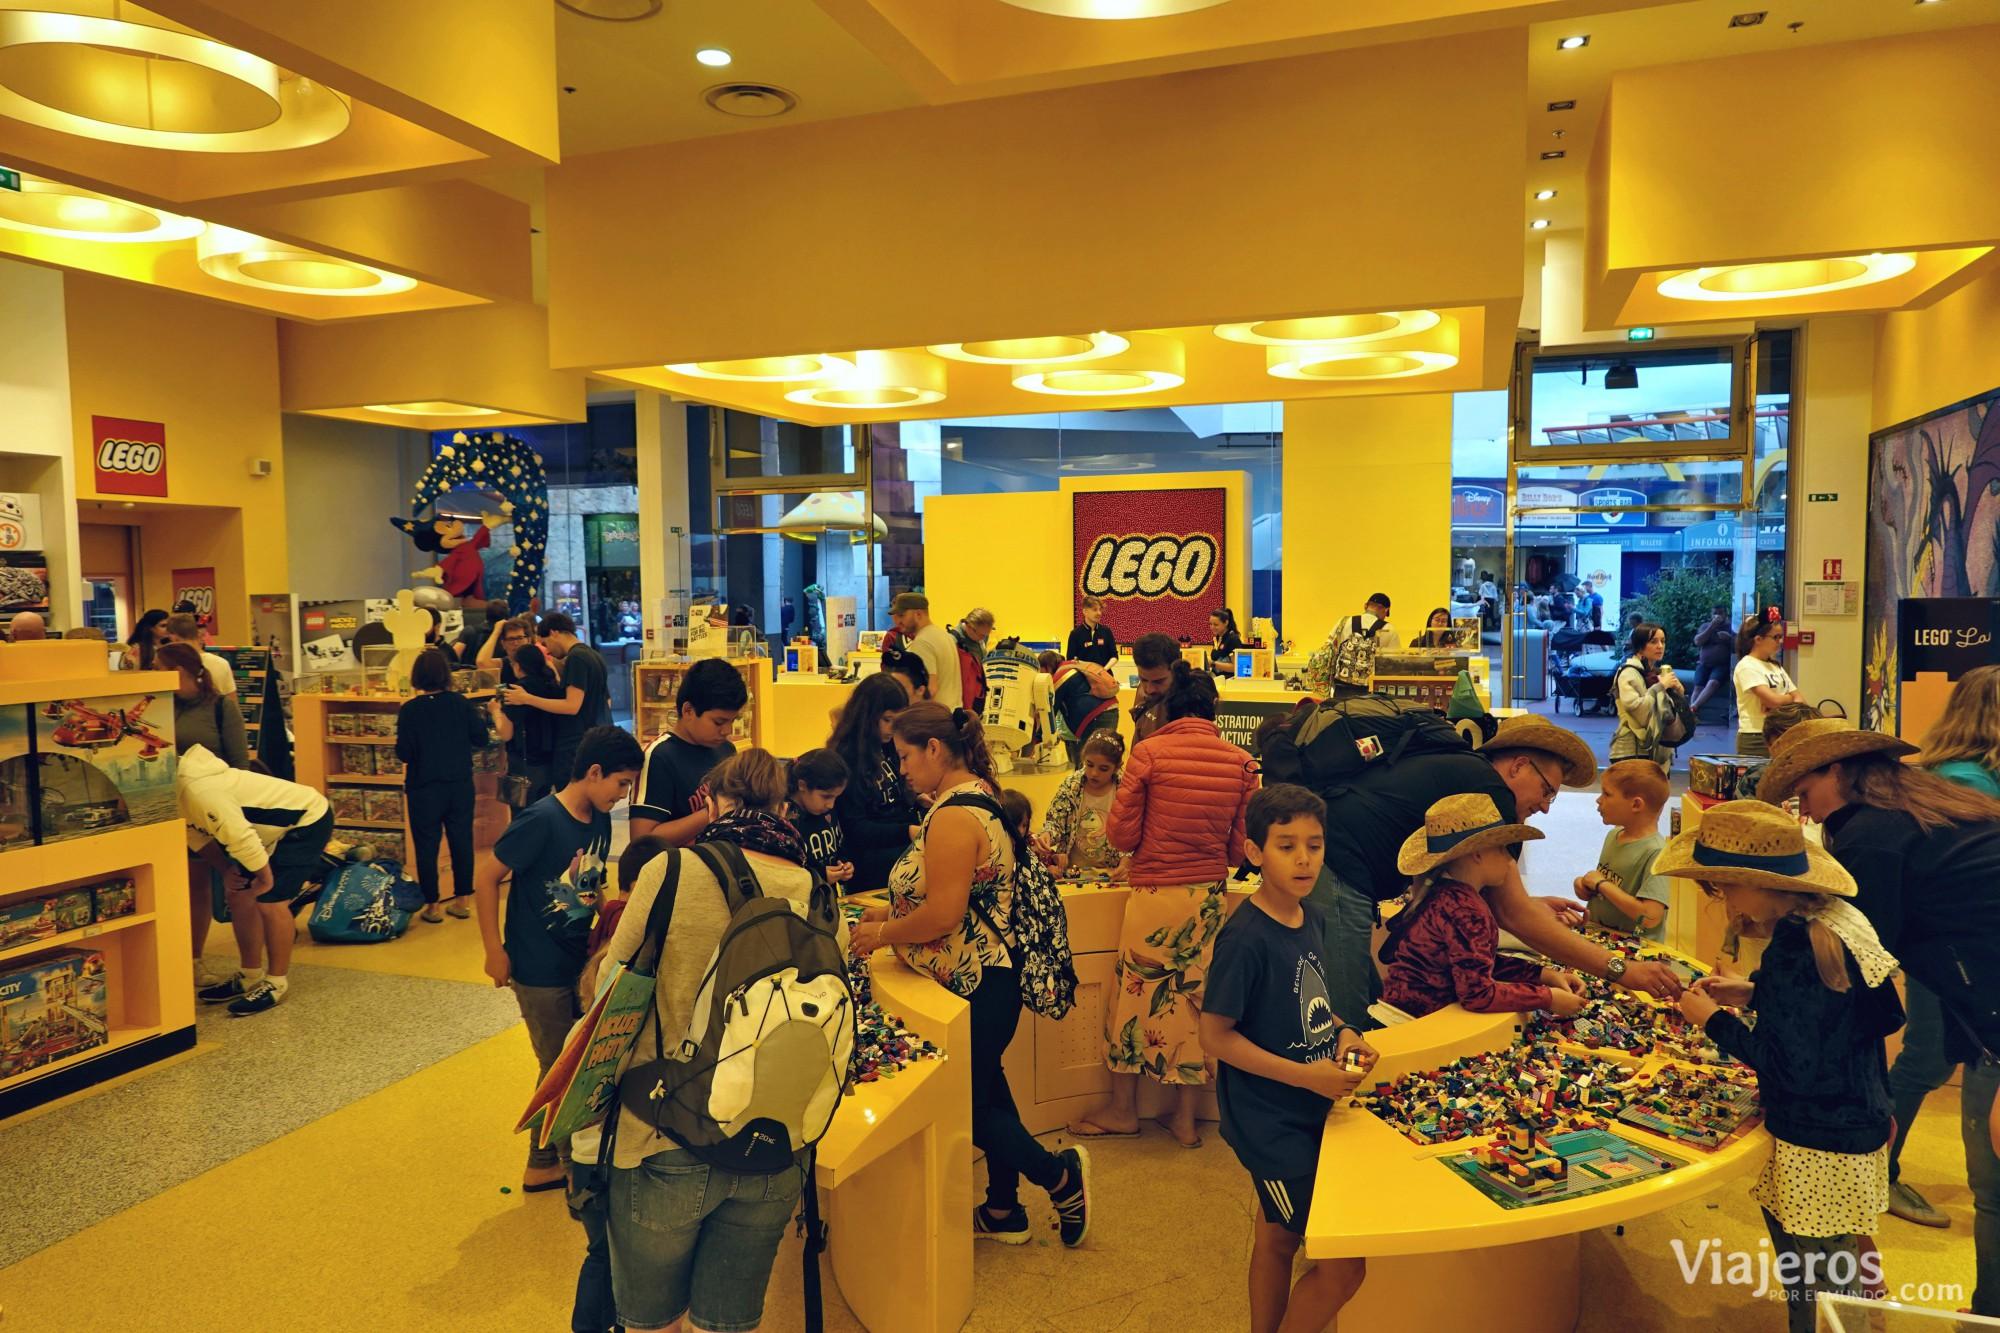 Tienda Lego en Disney Village (Villa Disney)